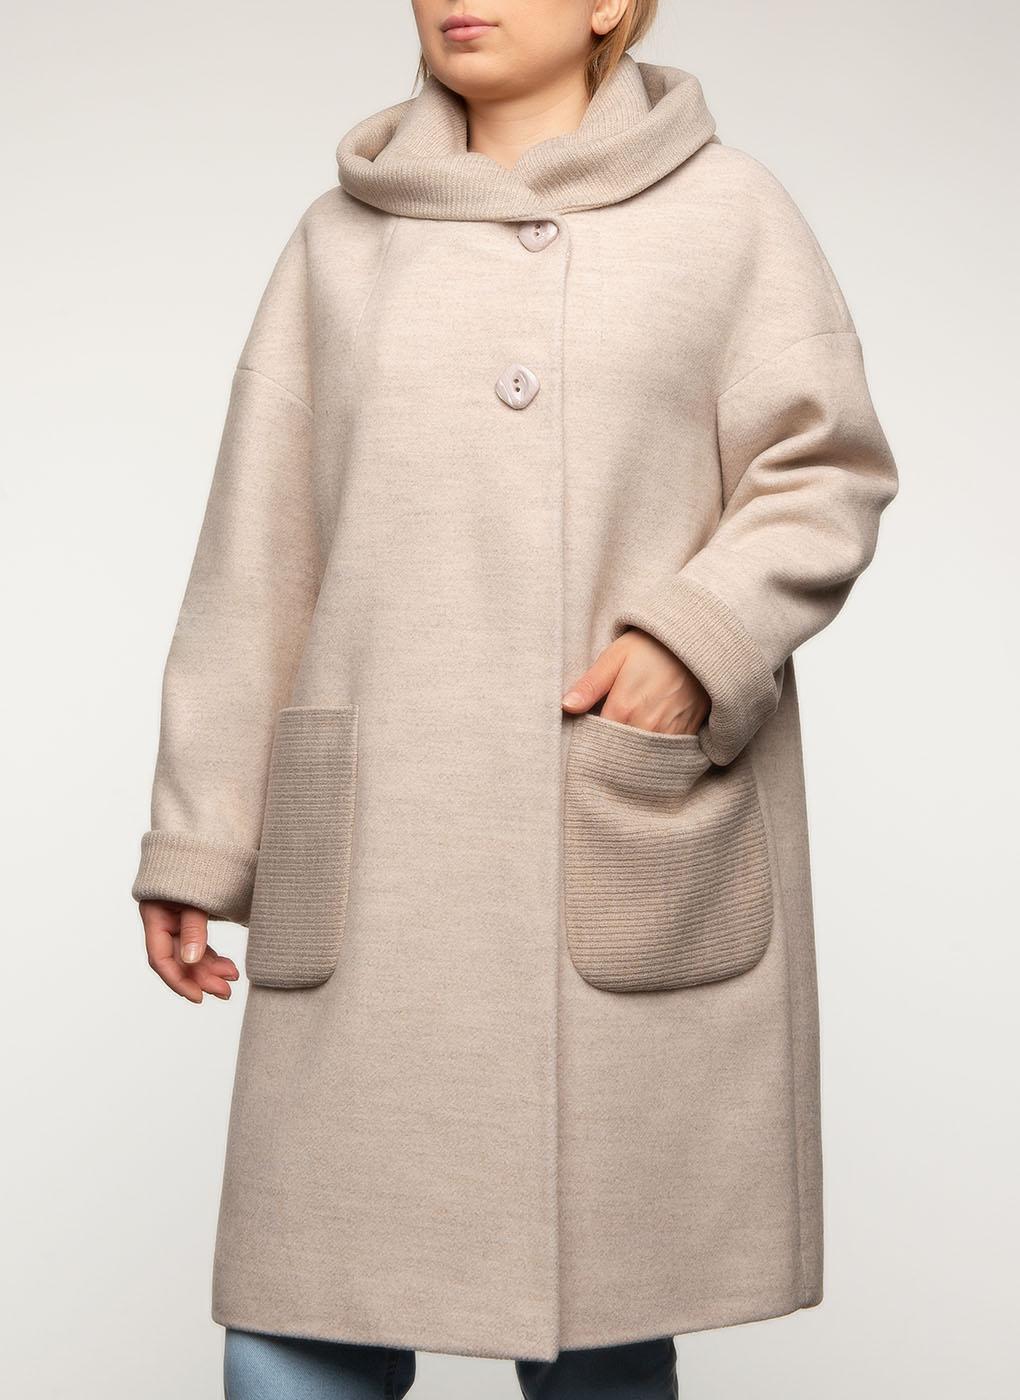 Пальто полушерстяное 50, Galla Lady фото